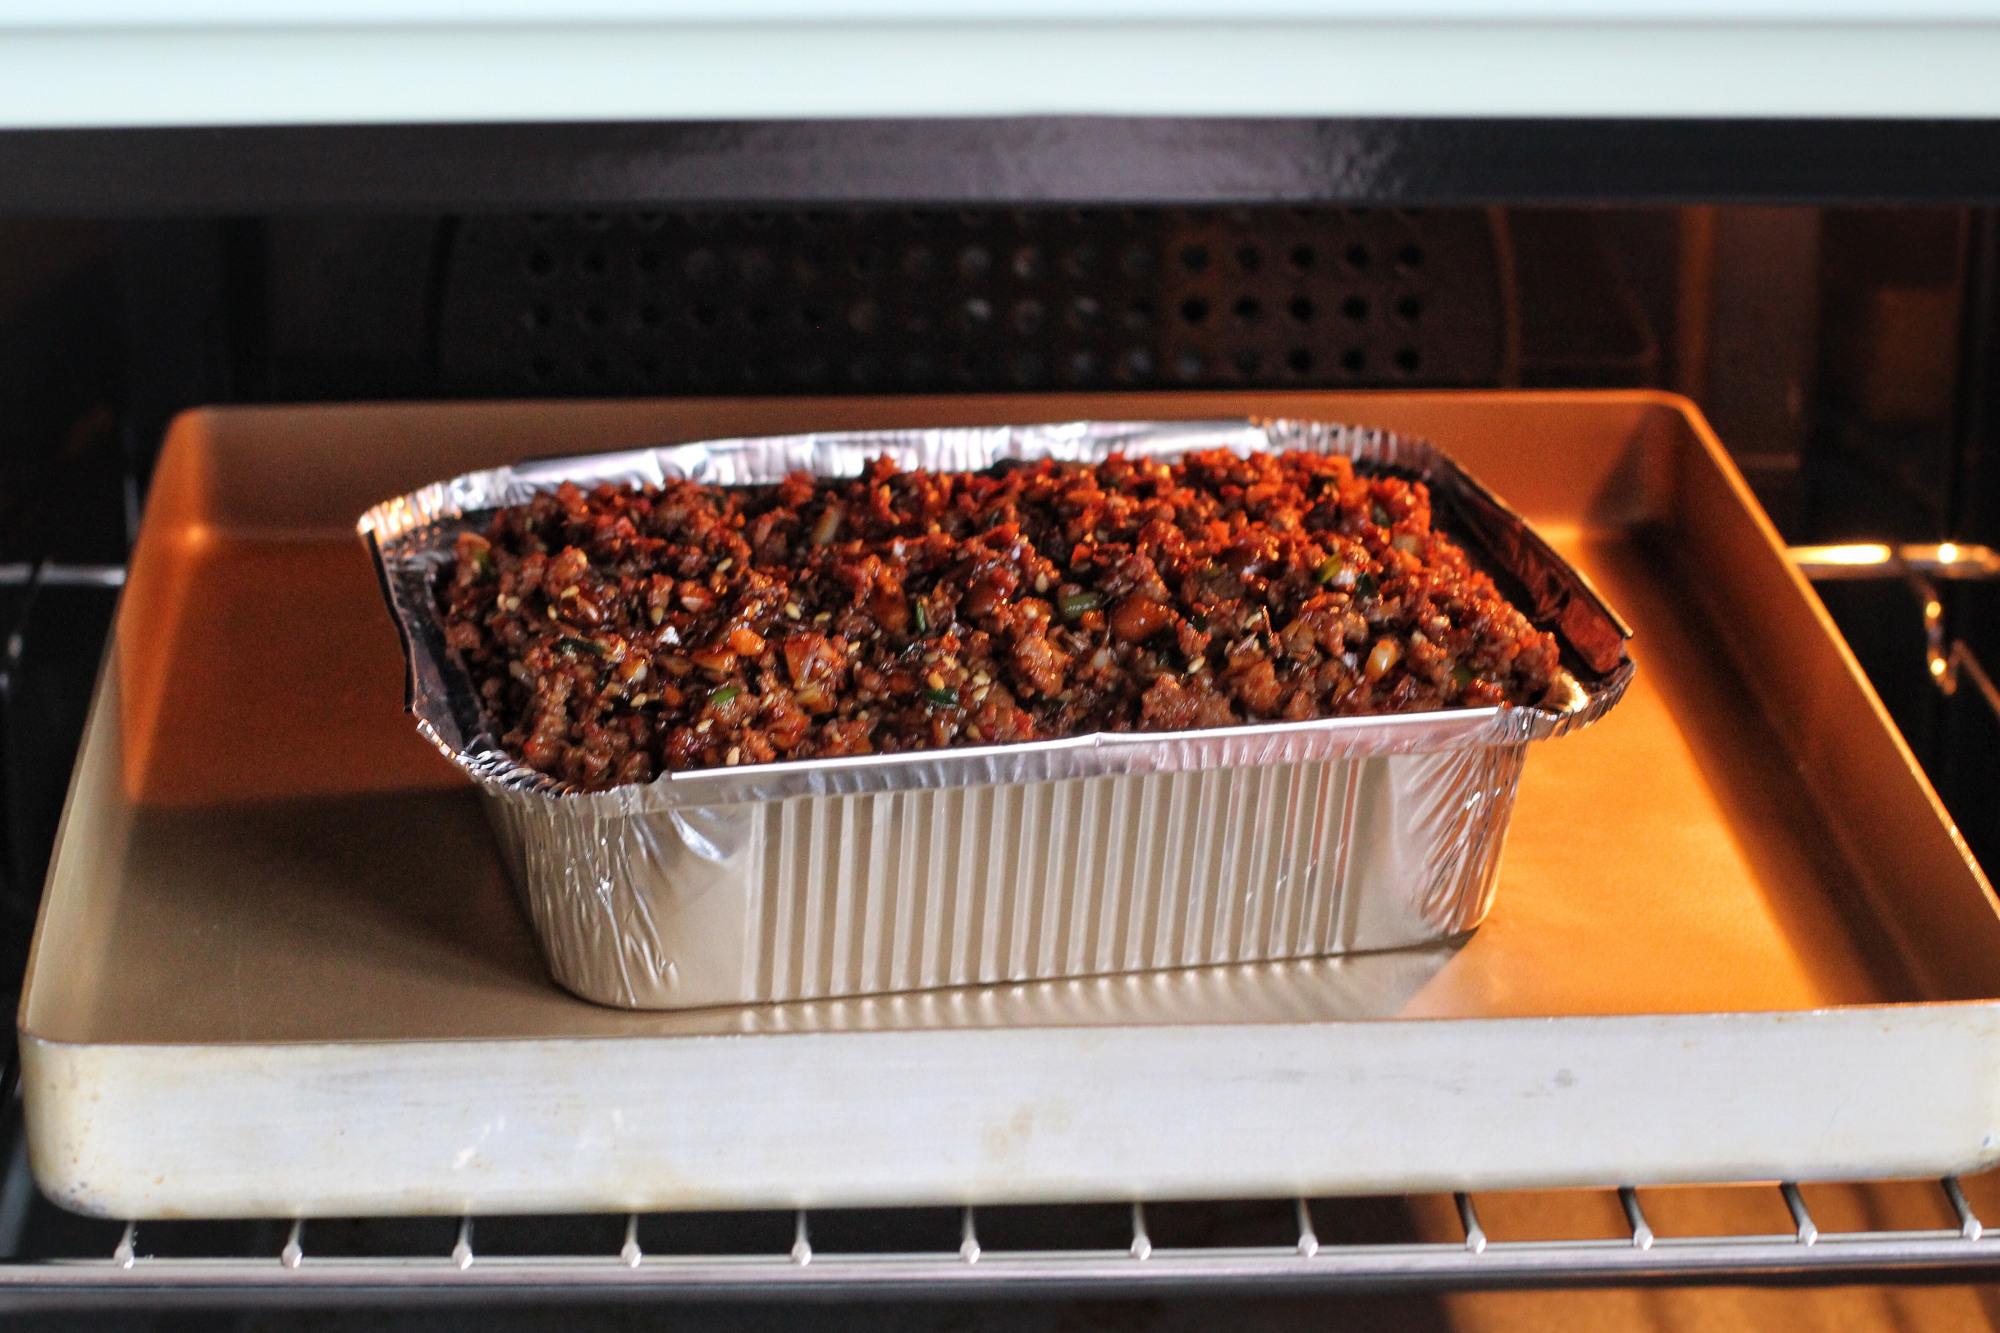 夏日烧烤趴这道菜不能少,口感嫩滑香辣过瘾,吃完连碗都不用刷 美食做法 第10张